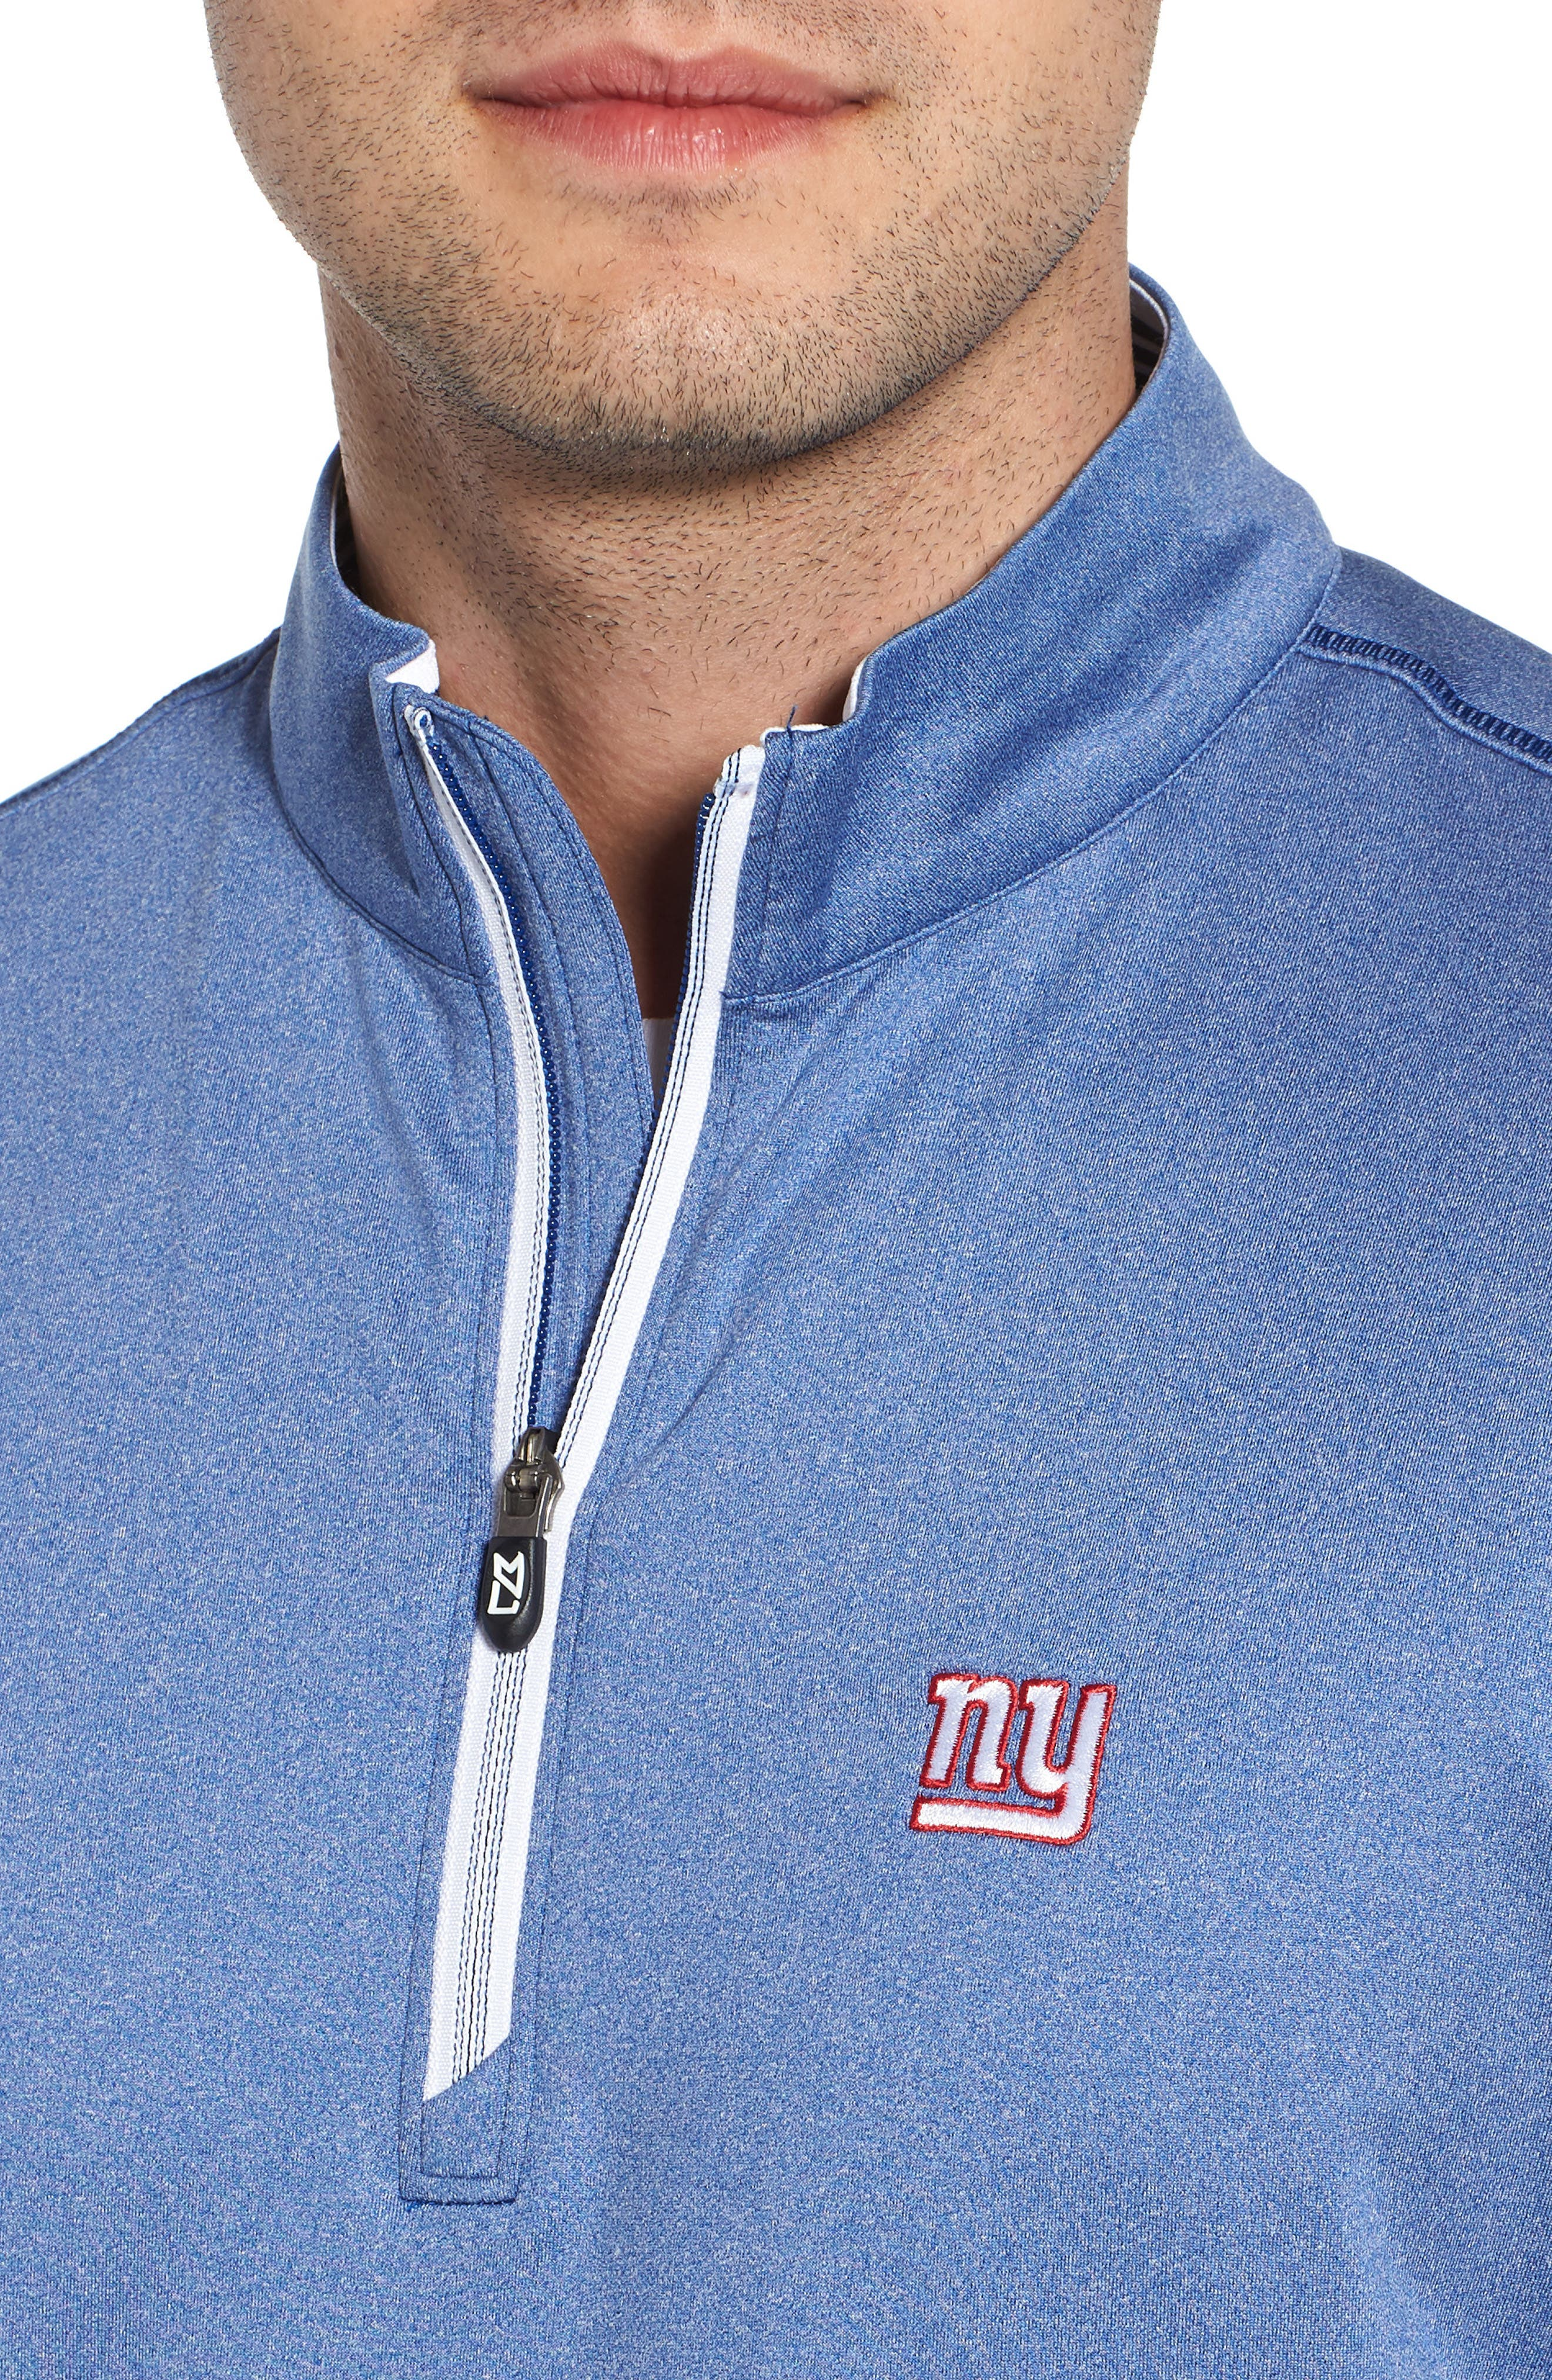 Endurance New York Giants Regular Fit Pullover,                             Alternate thumbnail 4, color,                             425